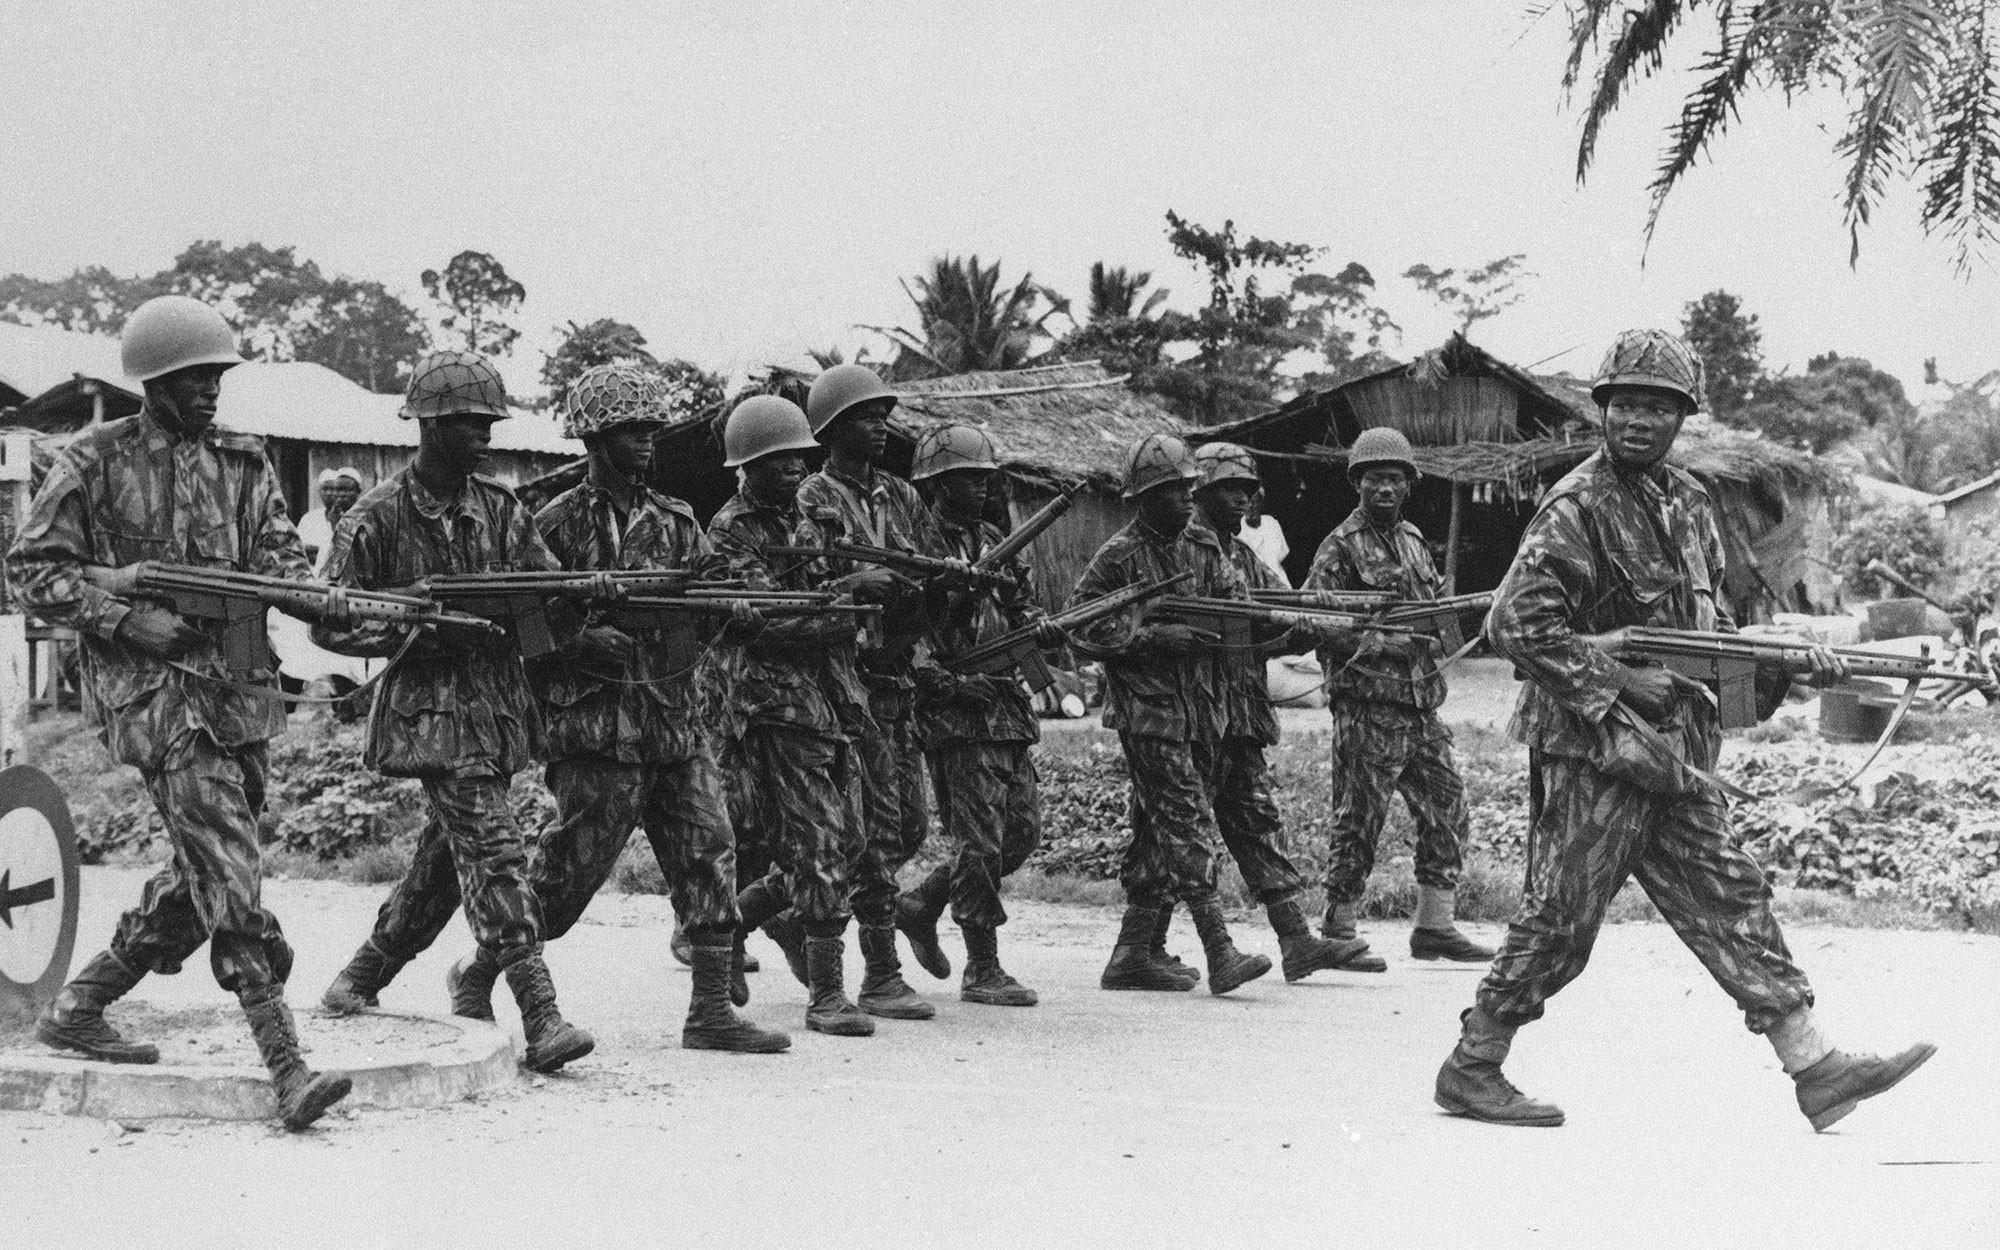 Нигерийские федеральные войска изображены во время операции против сепаратистских сил Биафры вблизи города руды, примерно в 120 милях от Ибадана, Нигерия, авг. 16, 1967. Фото: © AP Photo